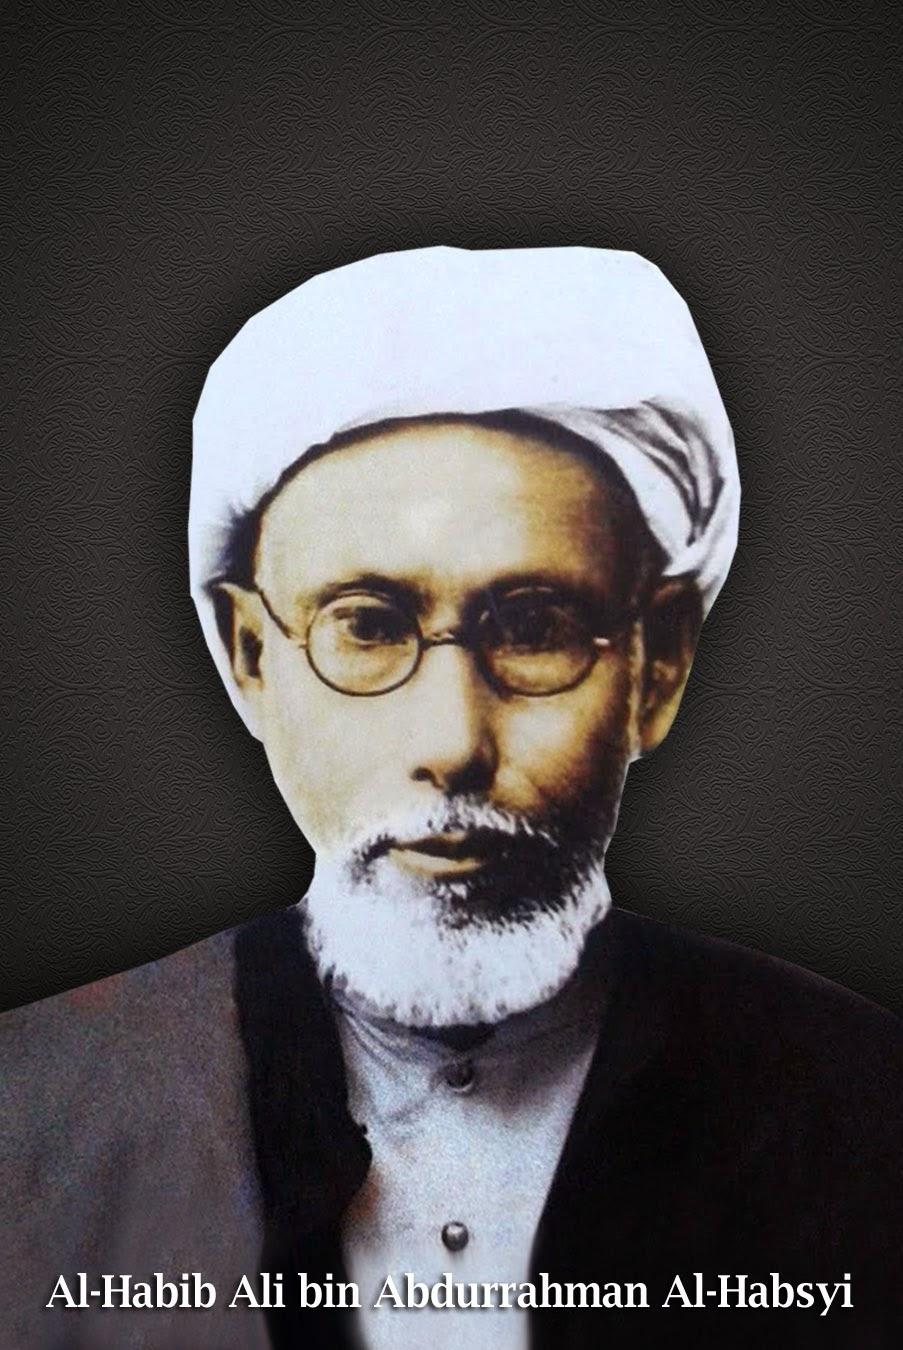 Biografi Habib Ali bin Abdurrahman Al Habsyi (Habib Kwitang)